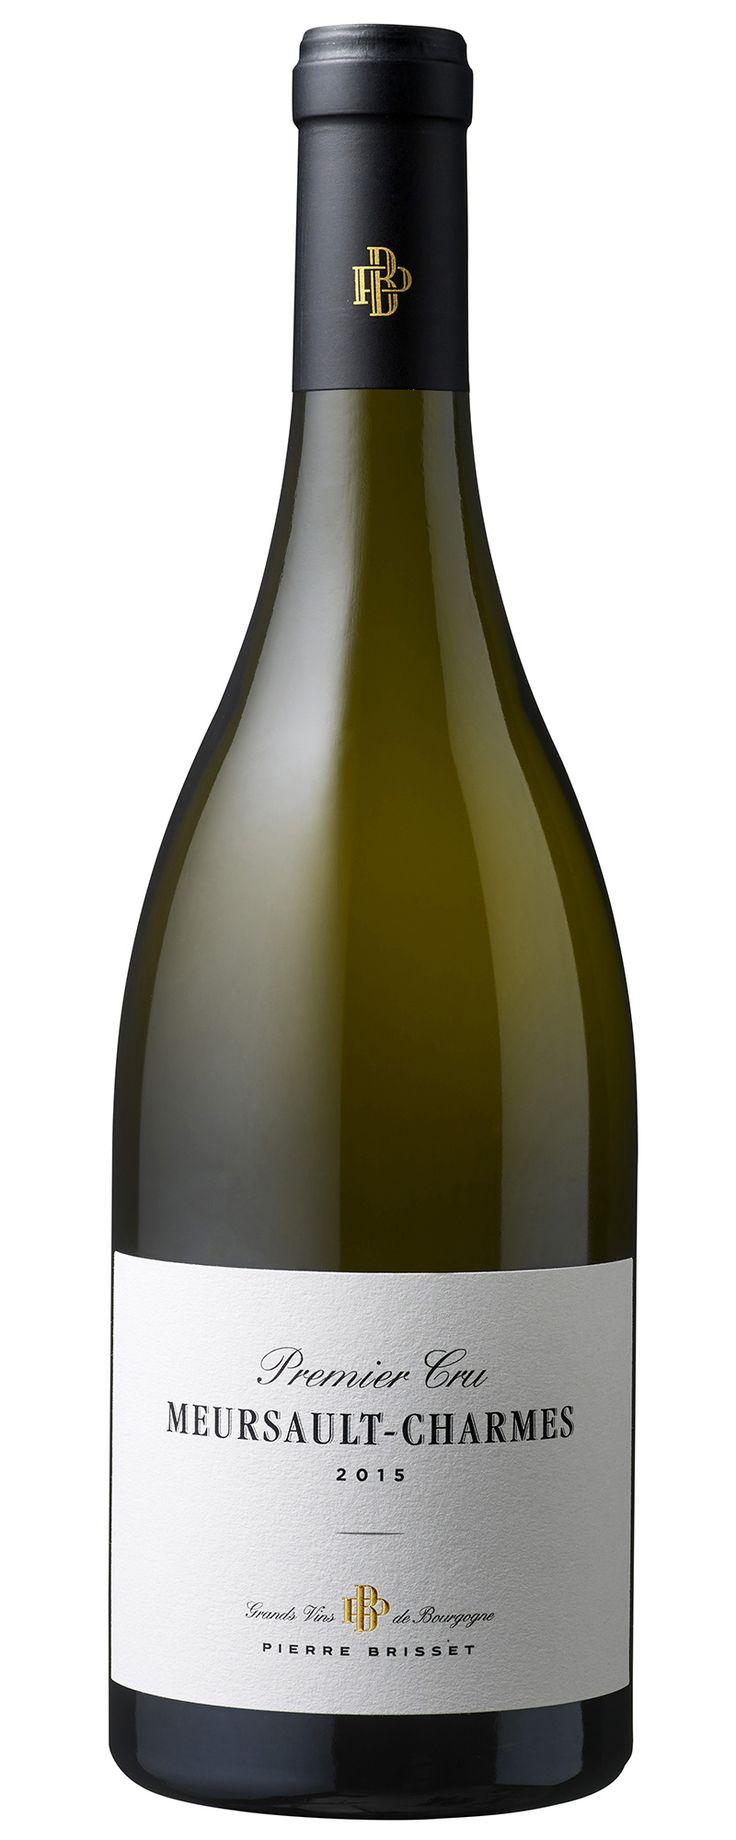 Meursault Premier Cru Charmes 2015 - Pierre Brisset - Grand Vin blanc de Bourgogne